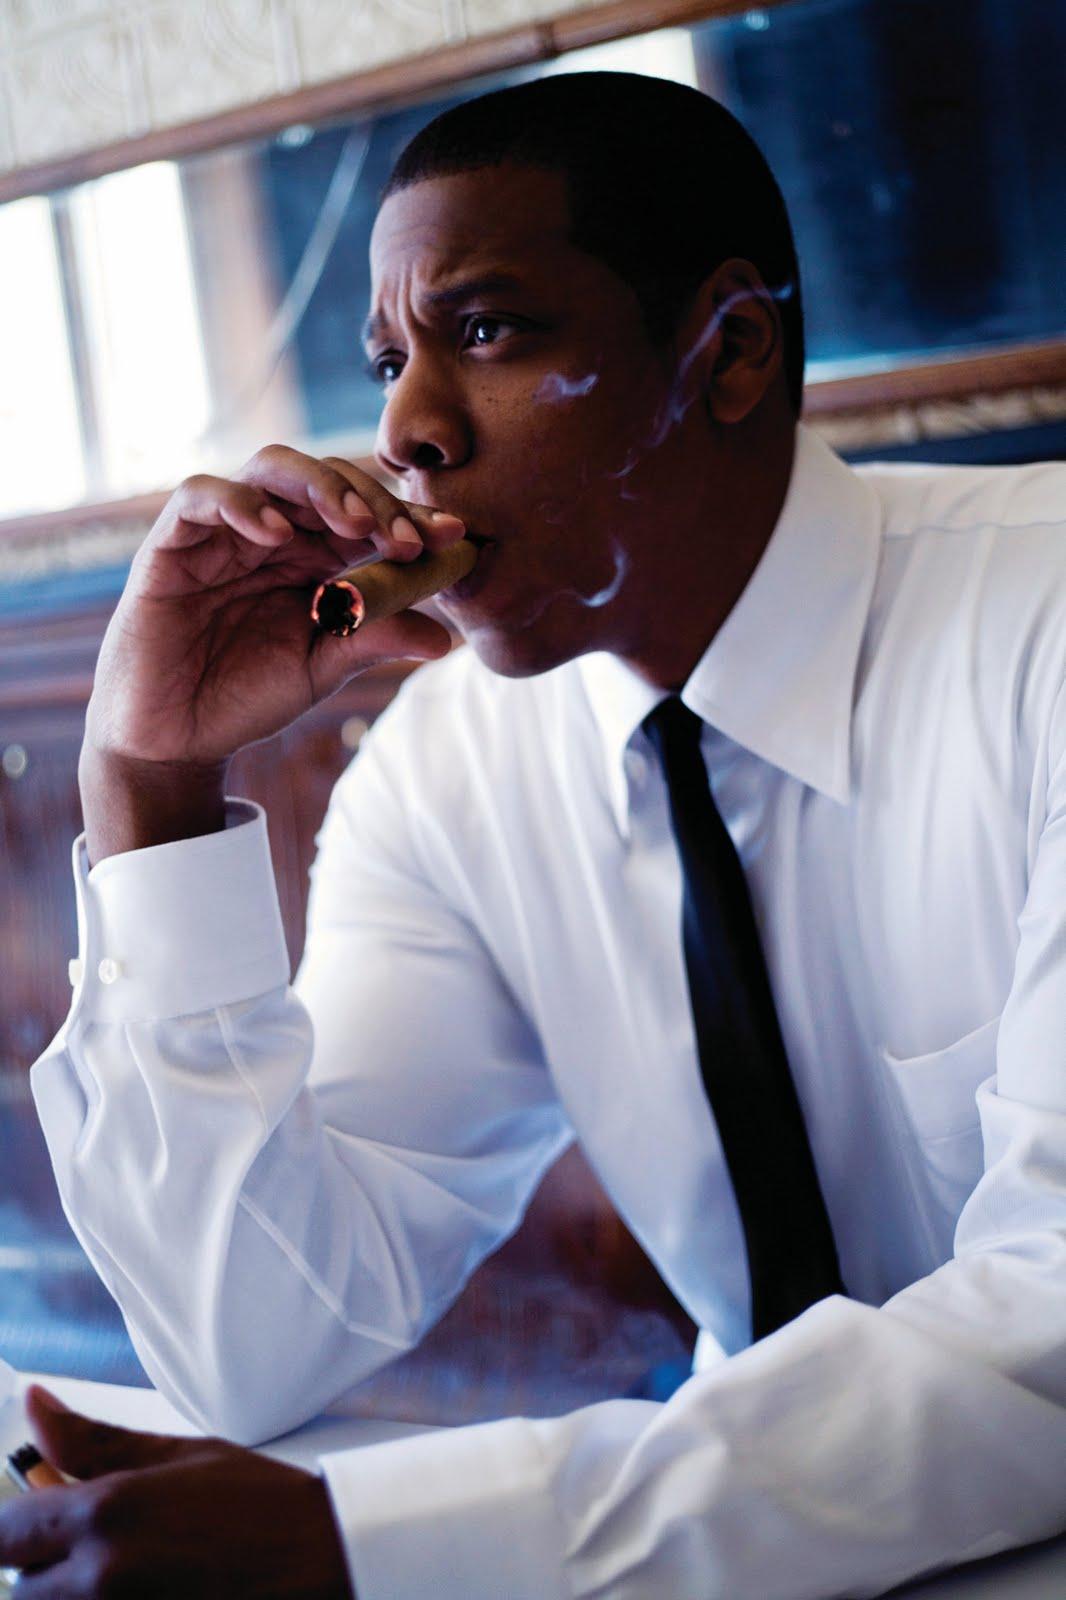 http://1.bp.blogspot.com/-09Furu_Ktvg/TkXpGpGn6SI/AAAAAAAAD38/_g6tc-Rriio/s1600/Jay-Z4.jpg